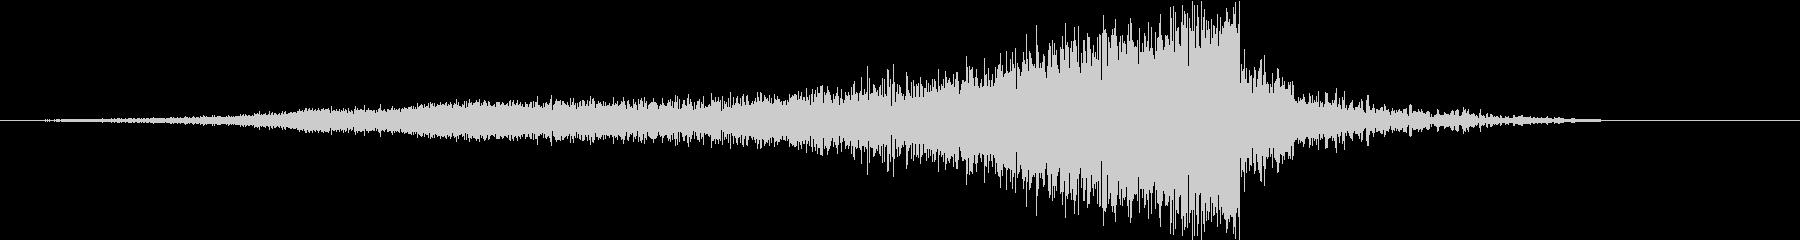 【ライザー】41 ホラーサウンド 恐怖の未再生の波形